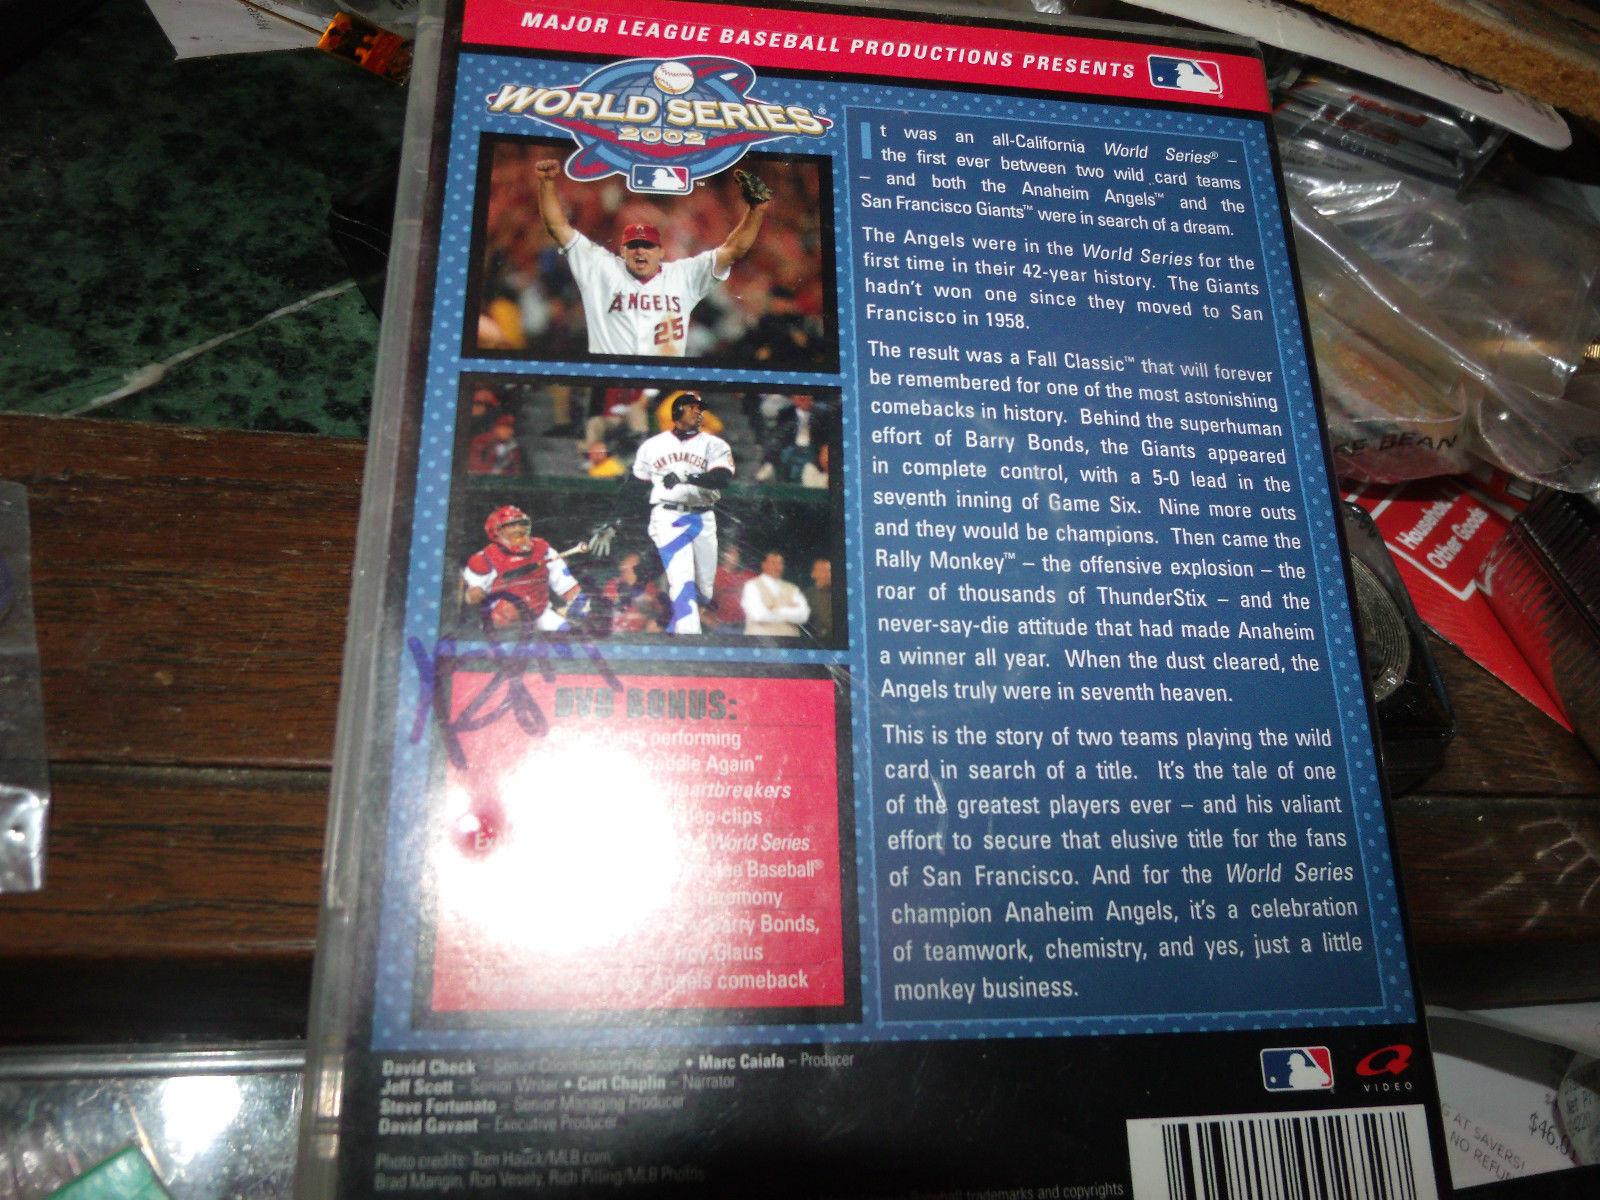 BENGIE MOLINA ALFREDO AMAZEGA SIGNED ANGELS WORLD SERIES DVD